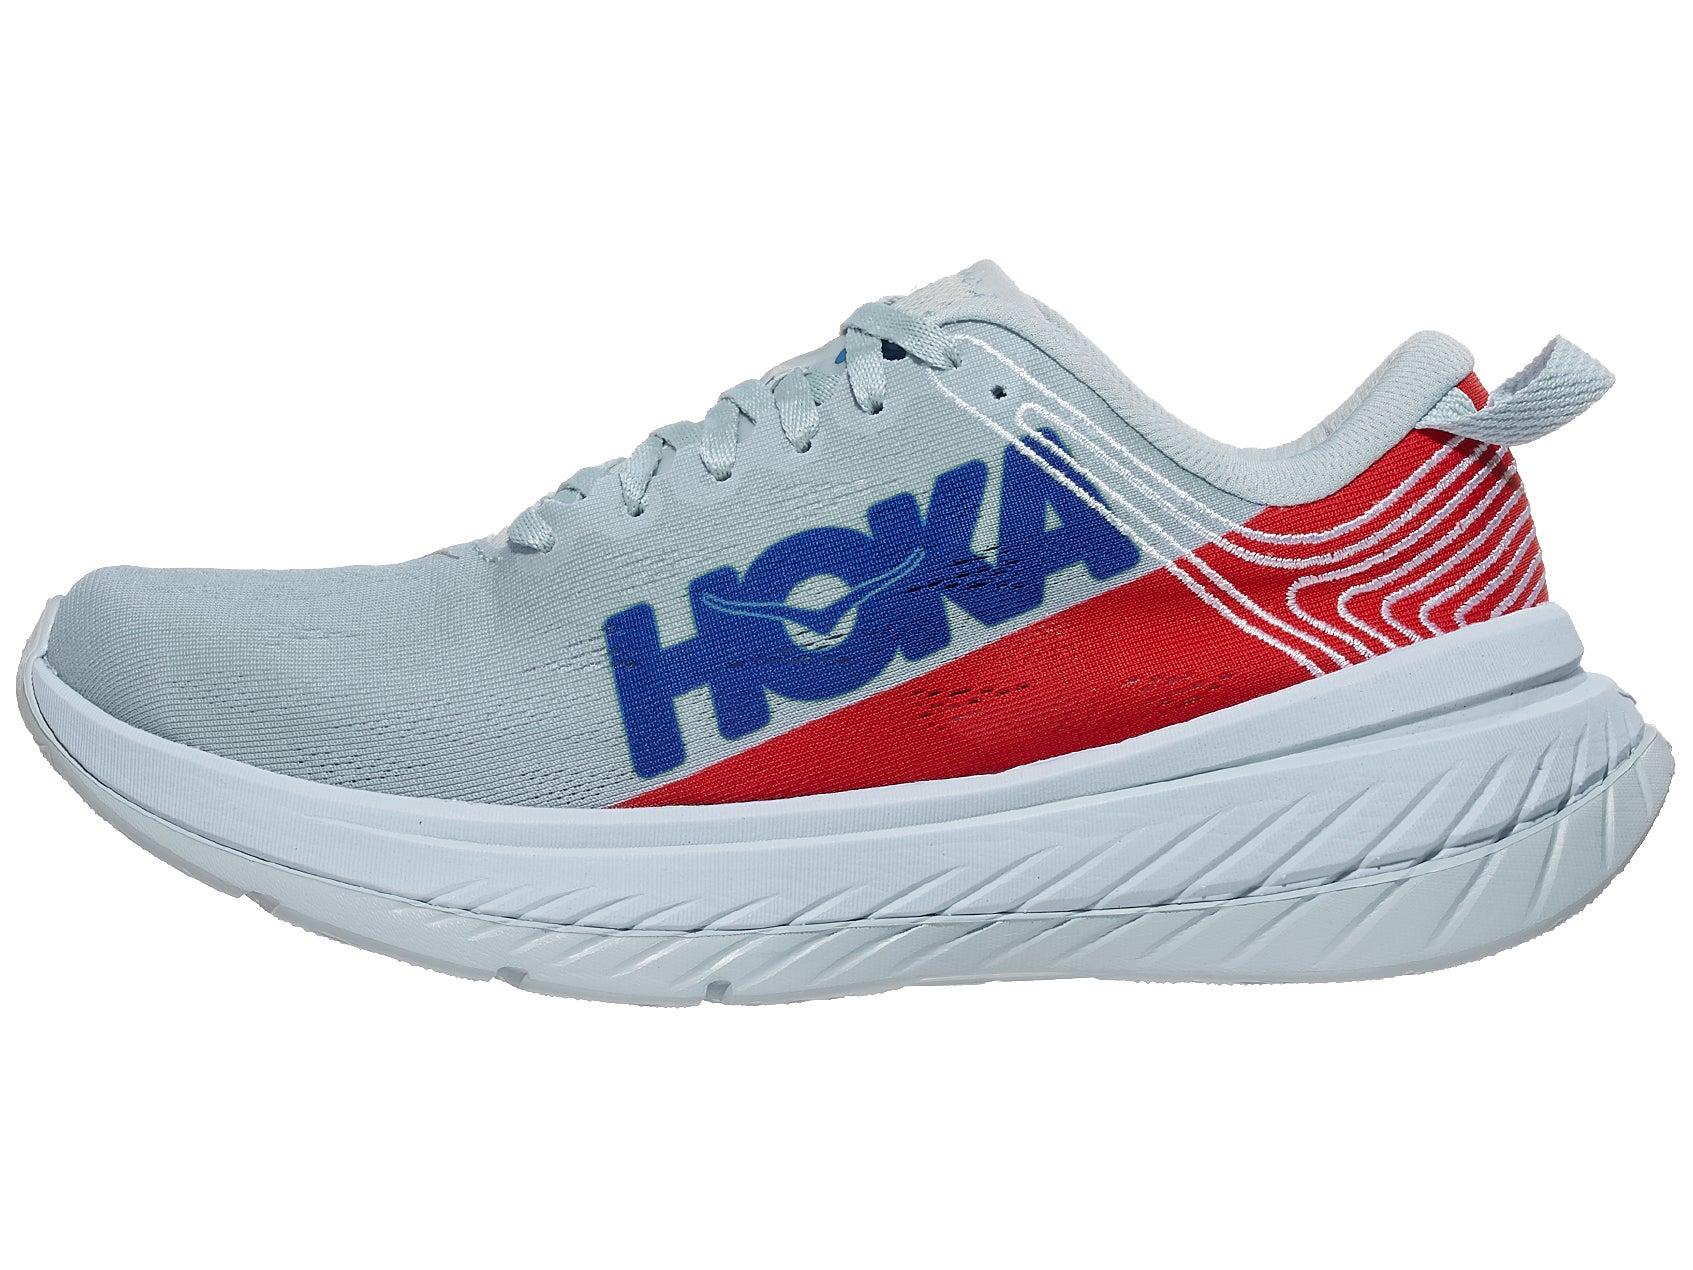 Hocaxw2-1